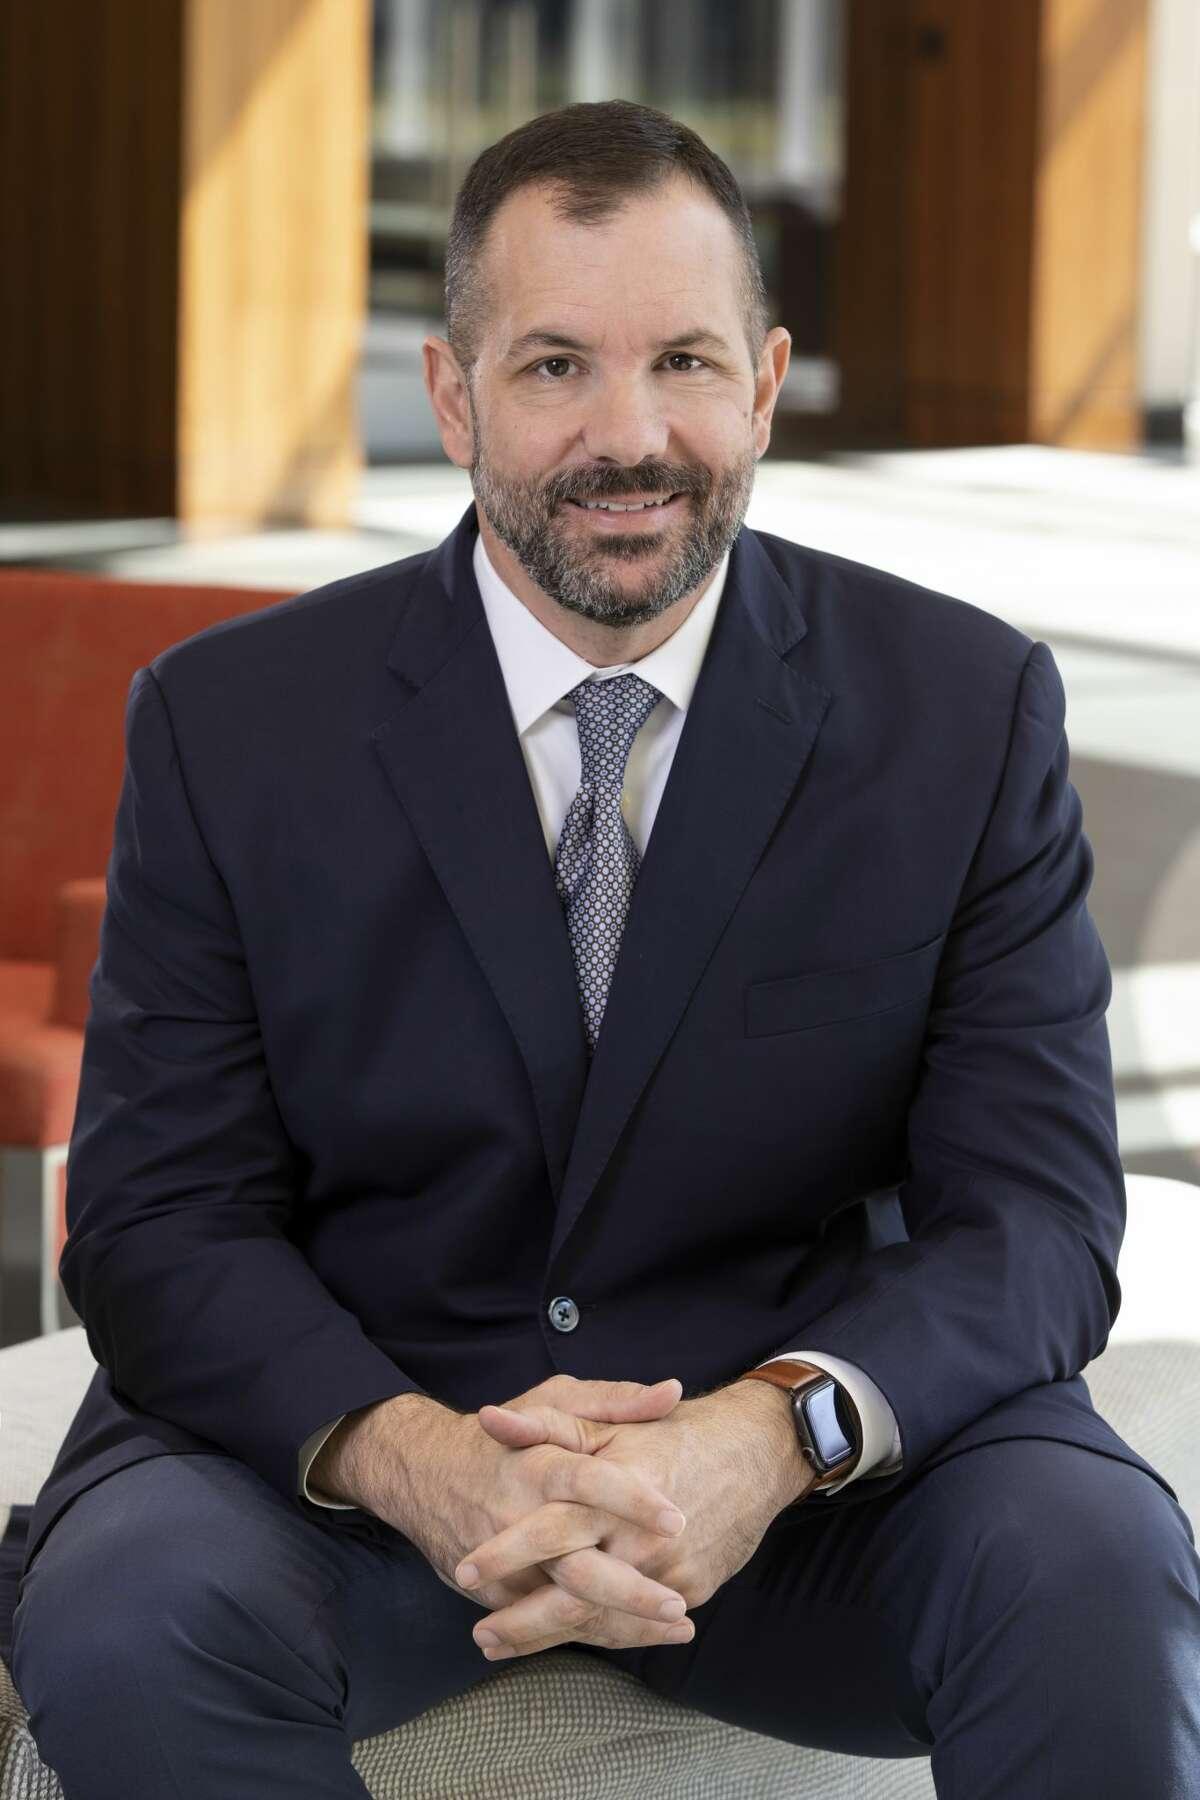 Stuart Archer, CEO of Oceans Healthcare